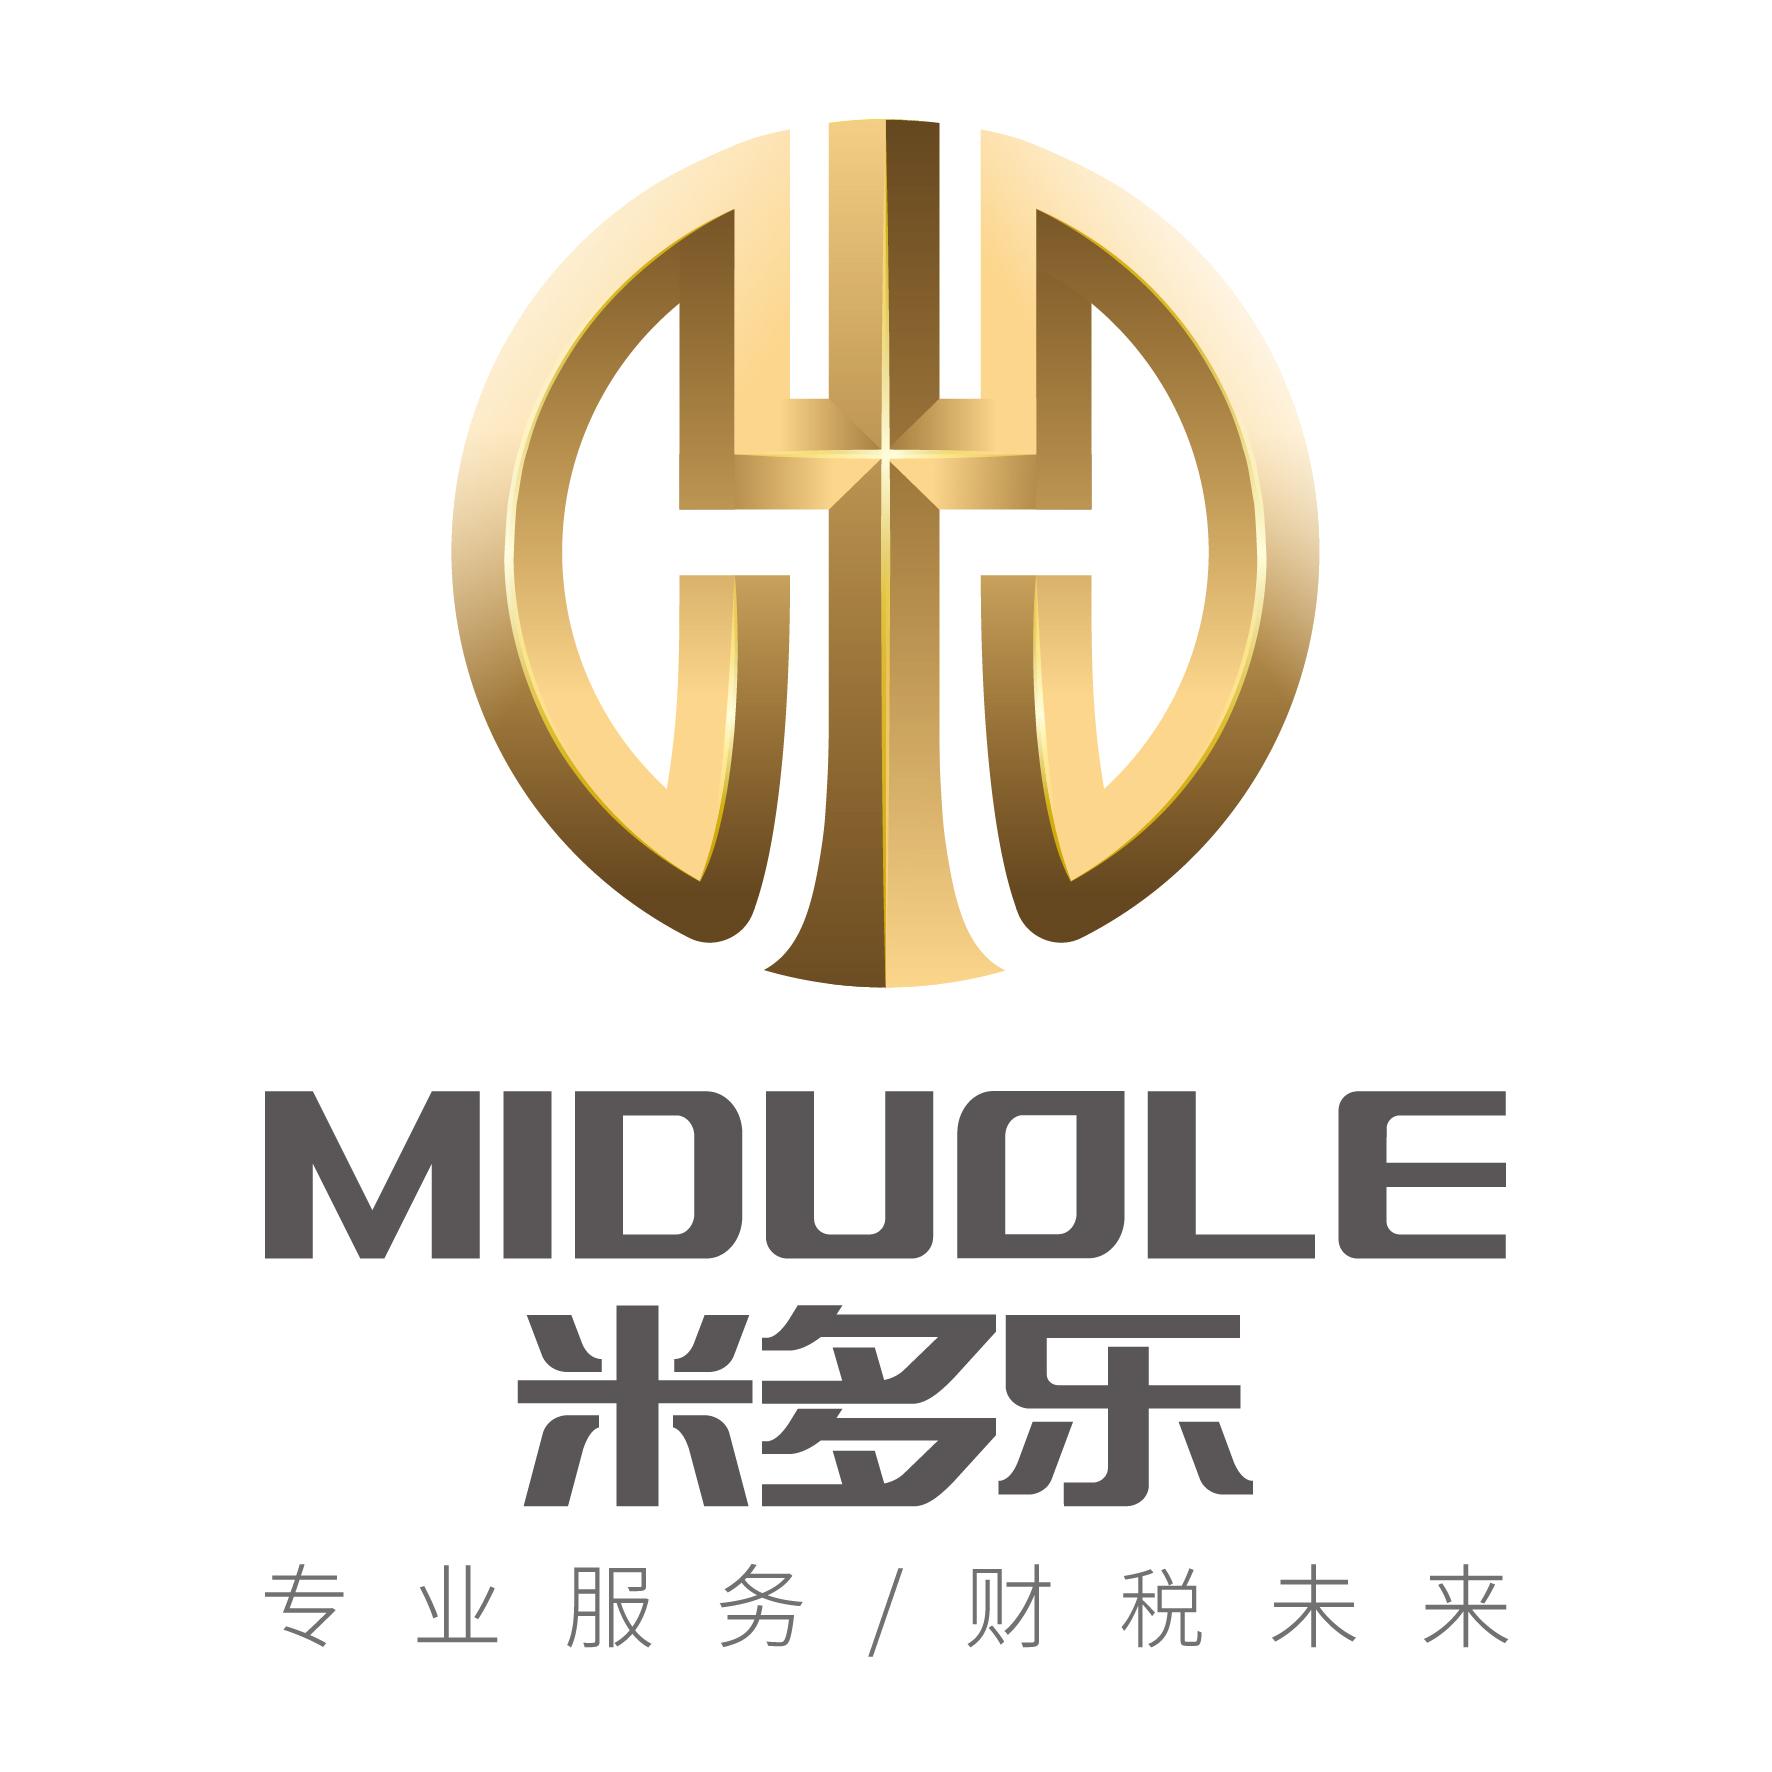 天津代理记账、公司注册、税务筹划就选米多乐财务!